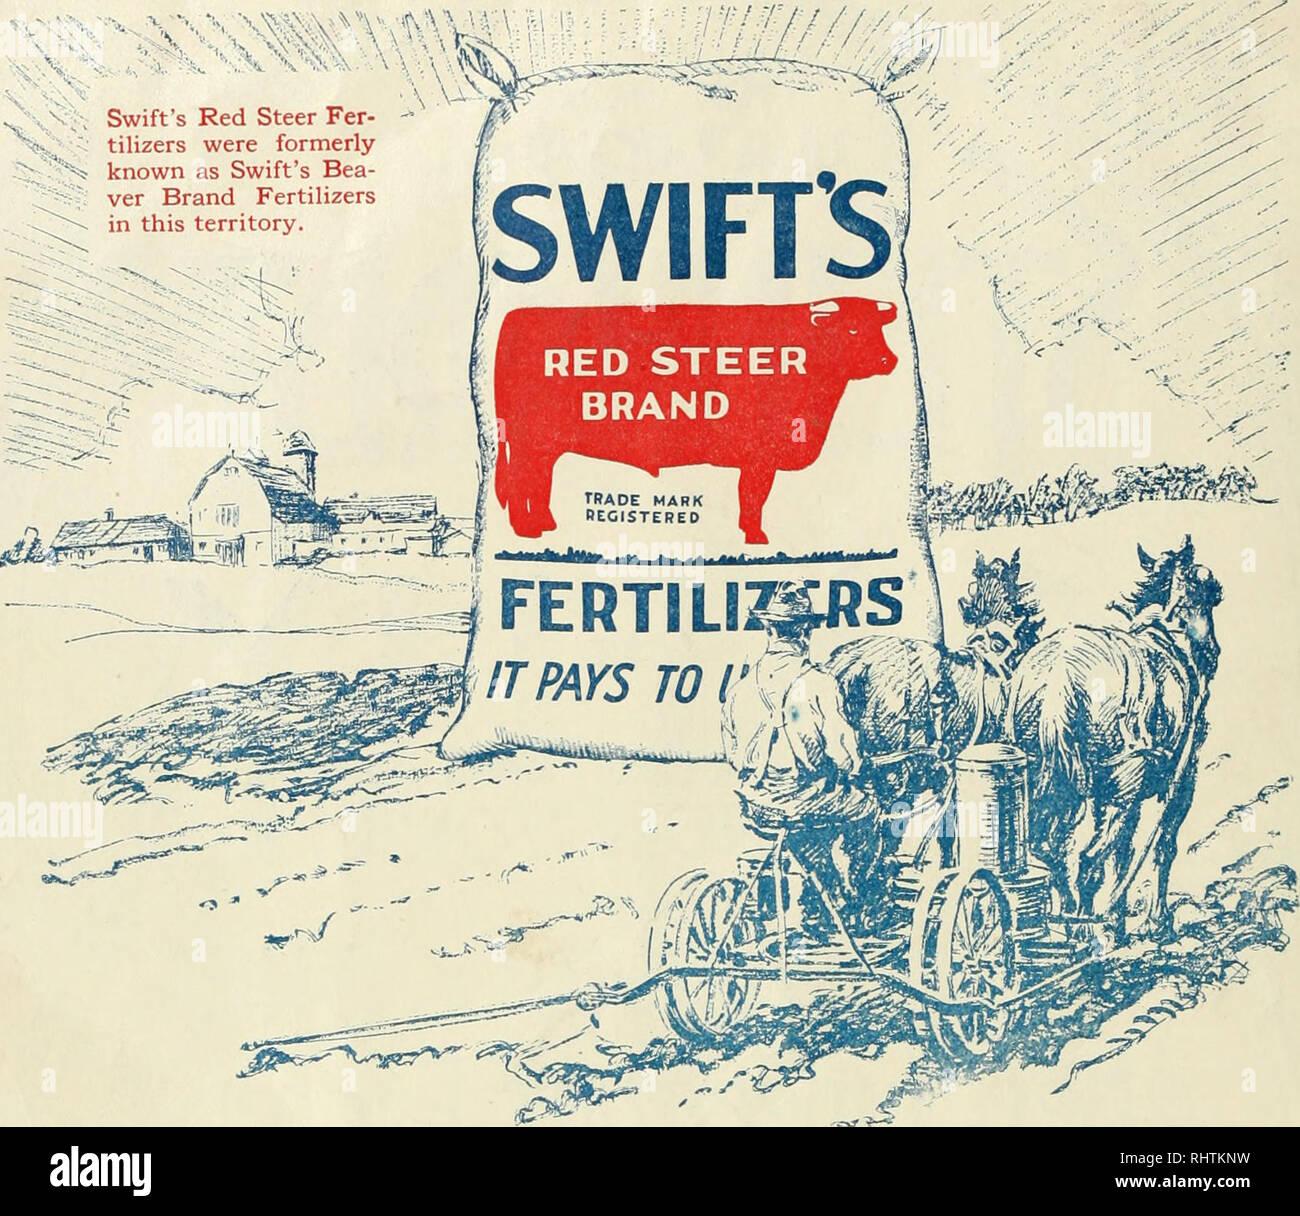 Better fruit  Fruit-culture        â   Swift's Red Steer Fer